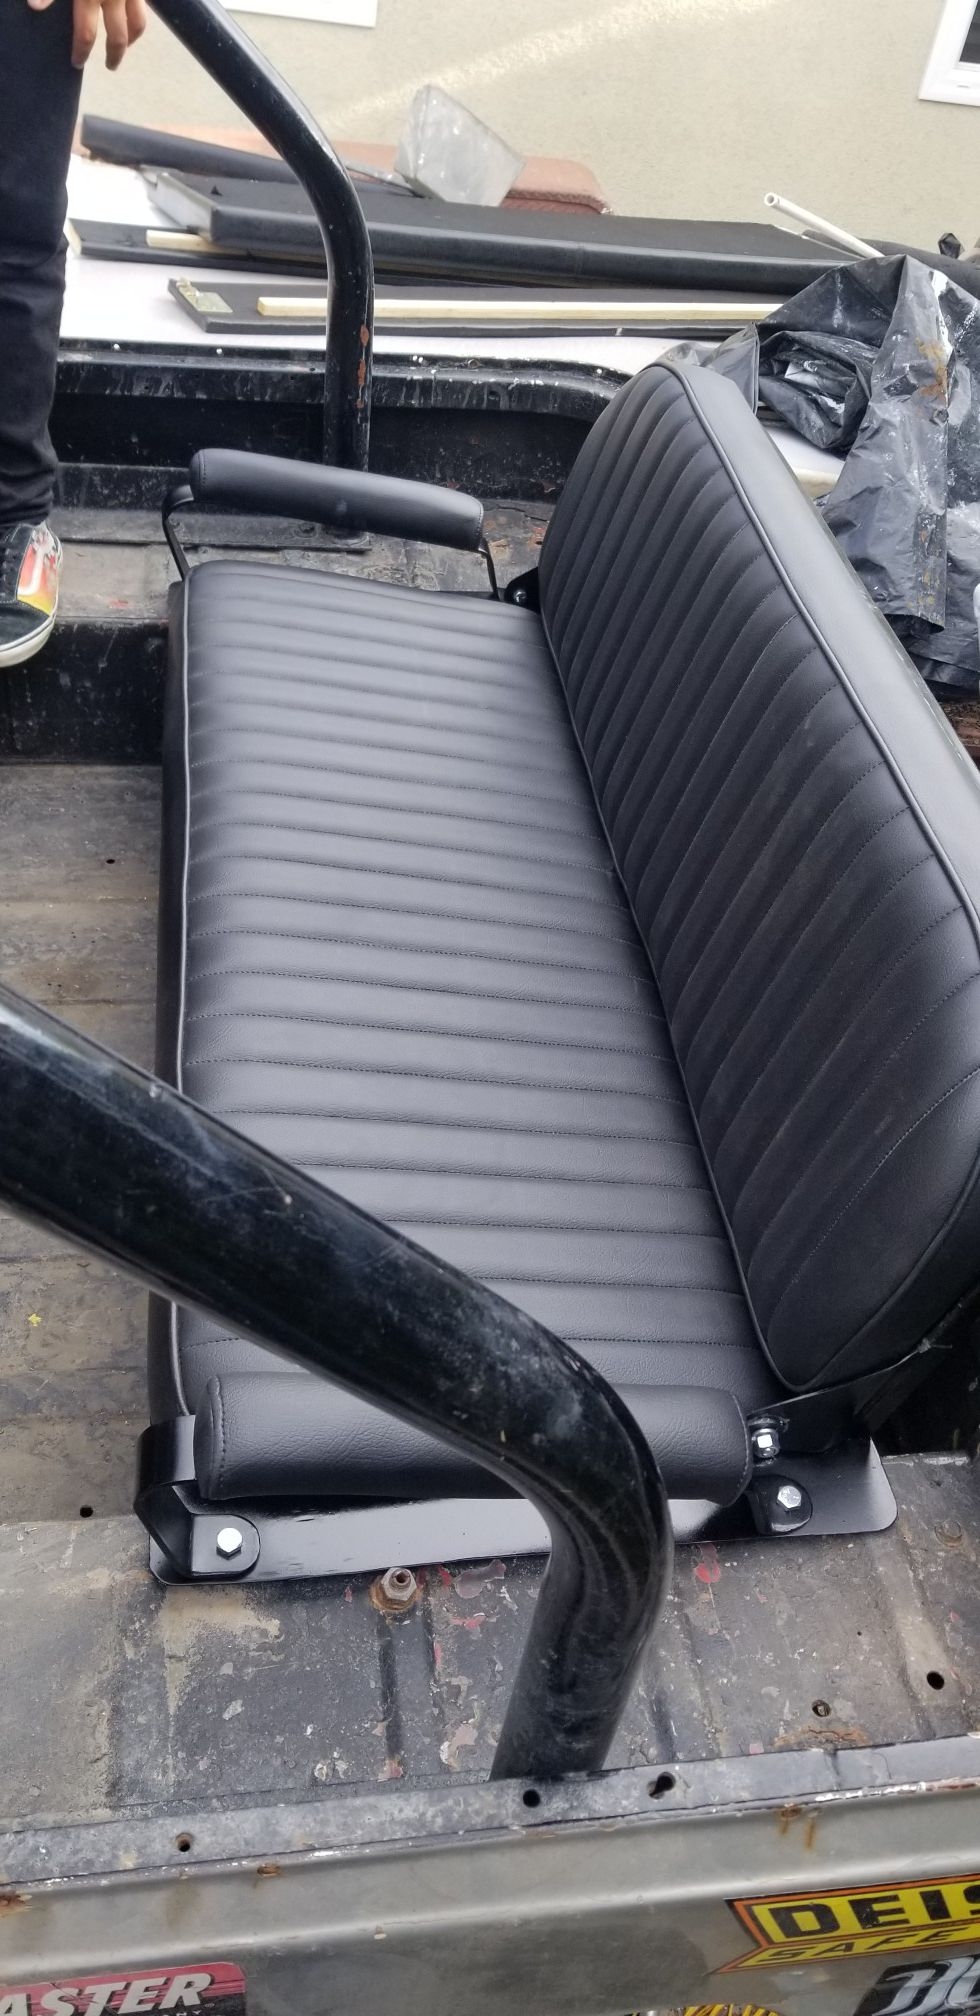 OBO Toyota FJ40 Landcruiser Fj45 Fj40 CONFERR WILL TRADE brand new OEM seat with under mount storage compartment